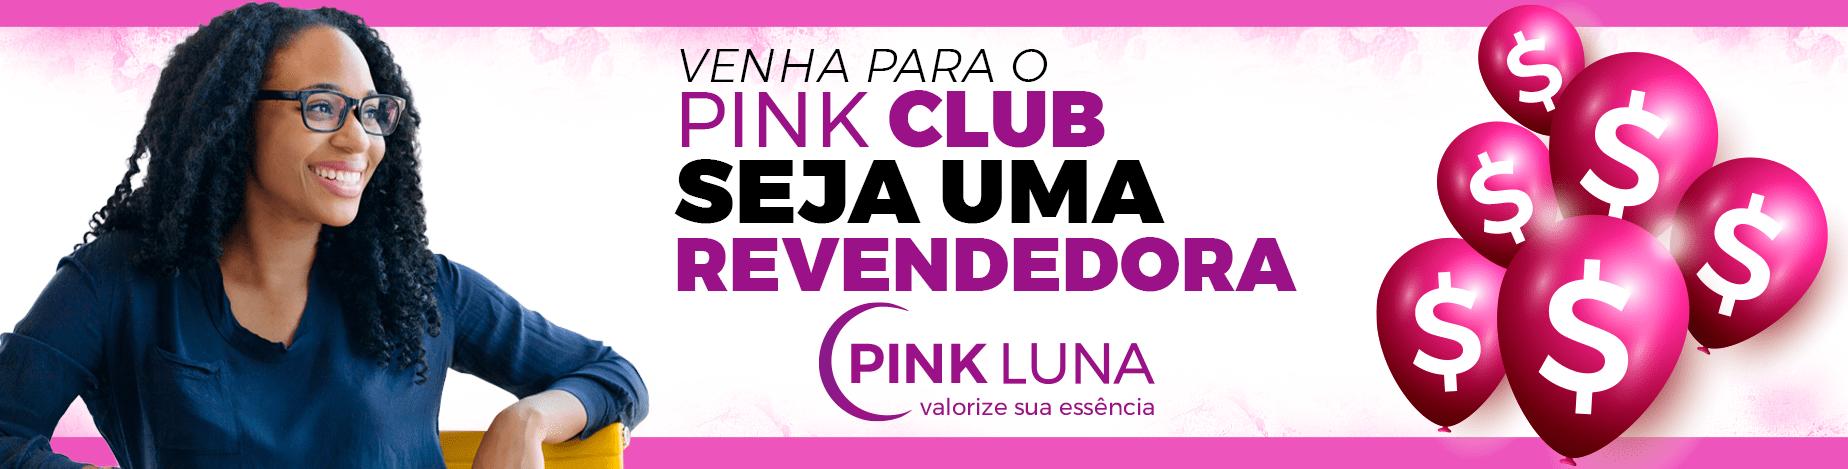 Pink Club - Revendedoras